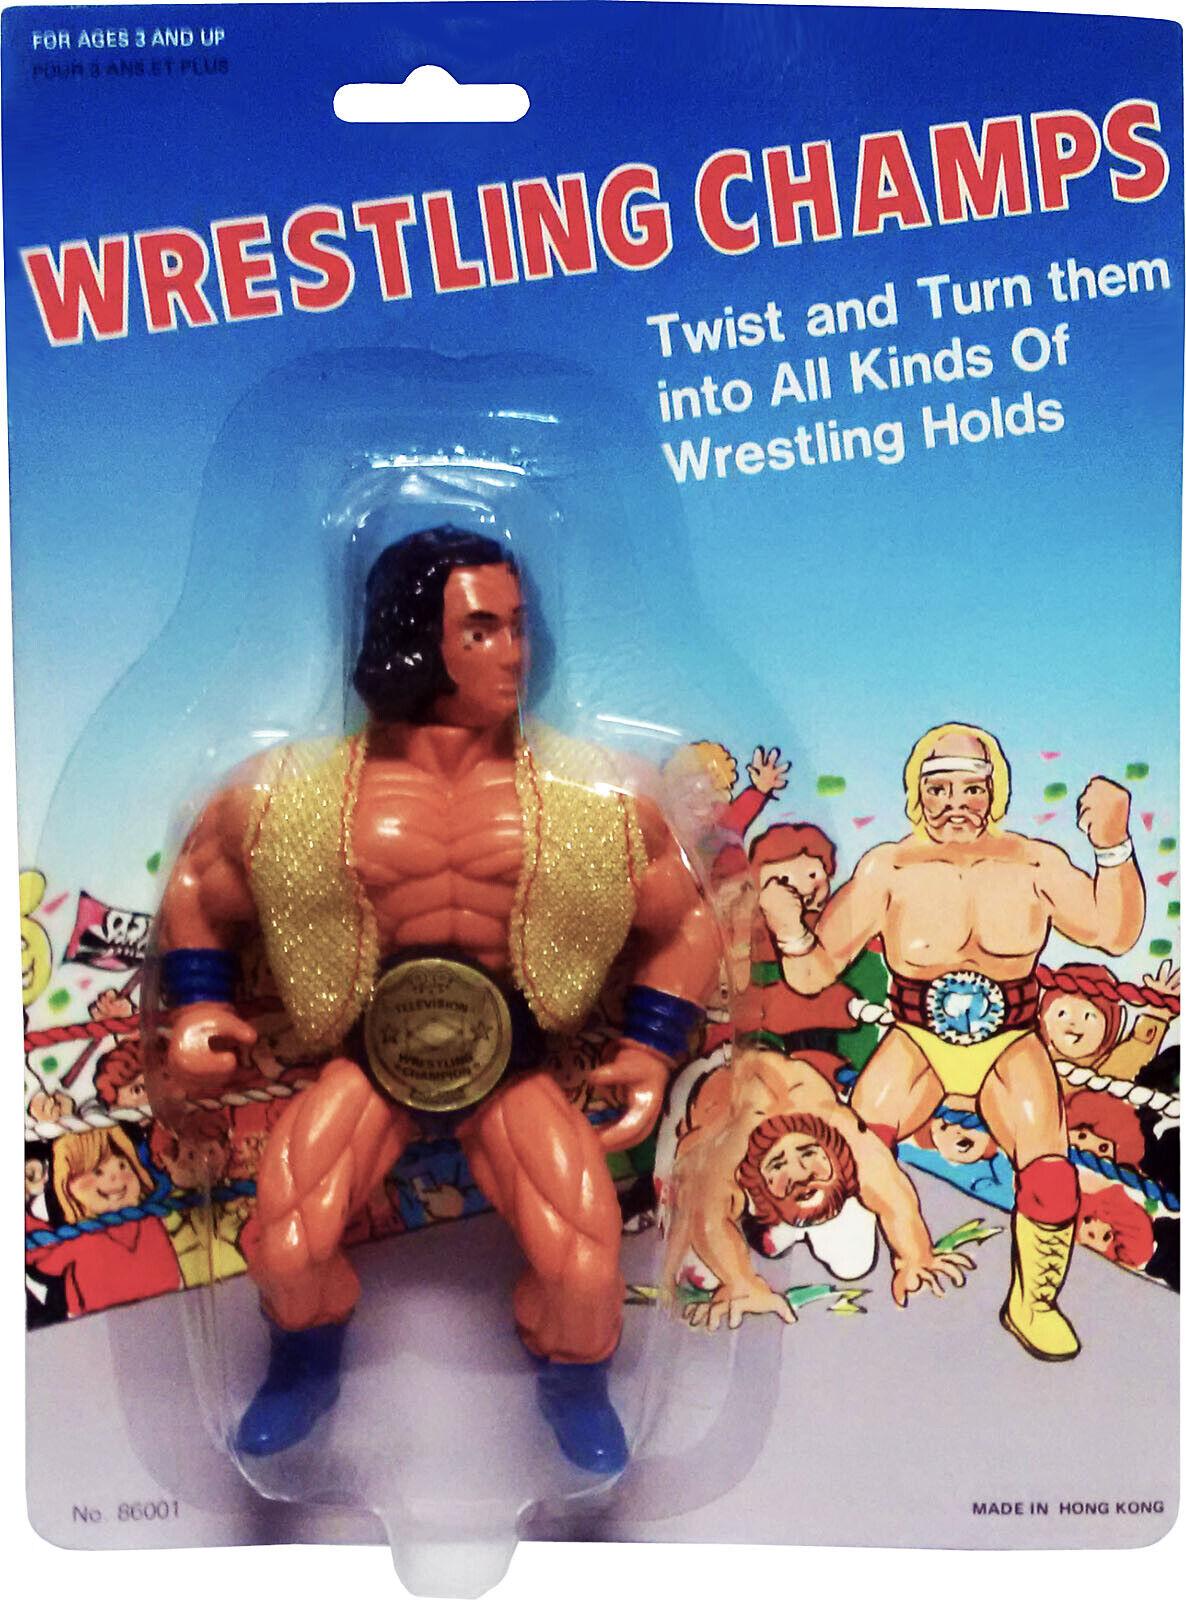 Wrestling champs - 1986-André le Géant figure-Comme neuf sur scellé Carte  Comme neuf sur scellé Carte